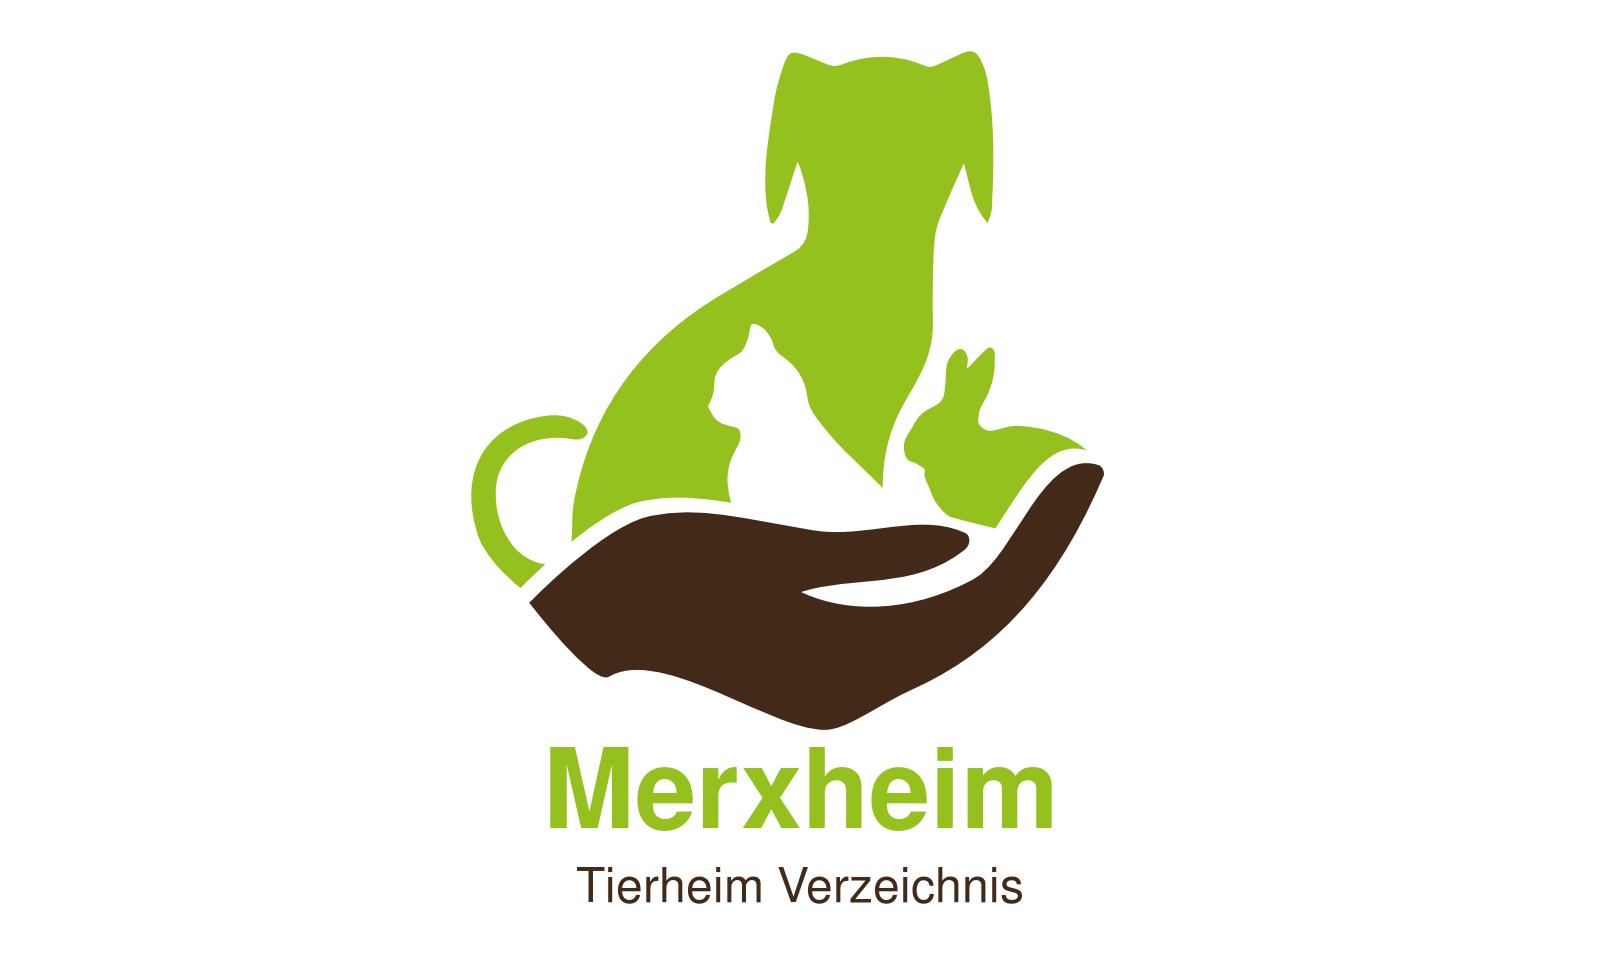 Tierheim Merxheim